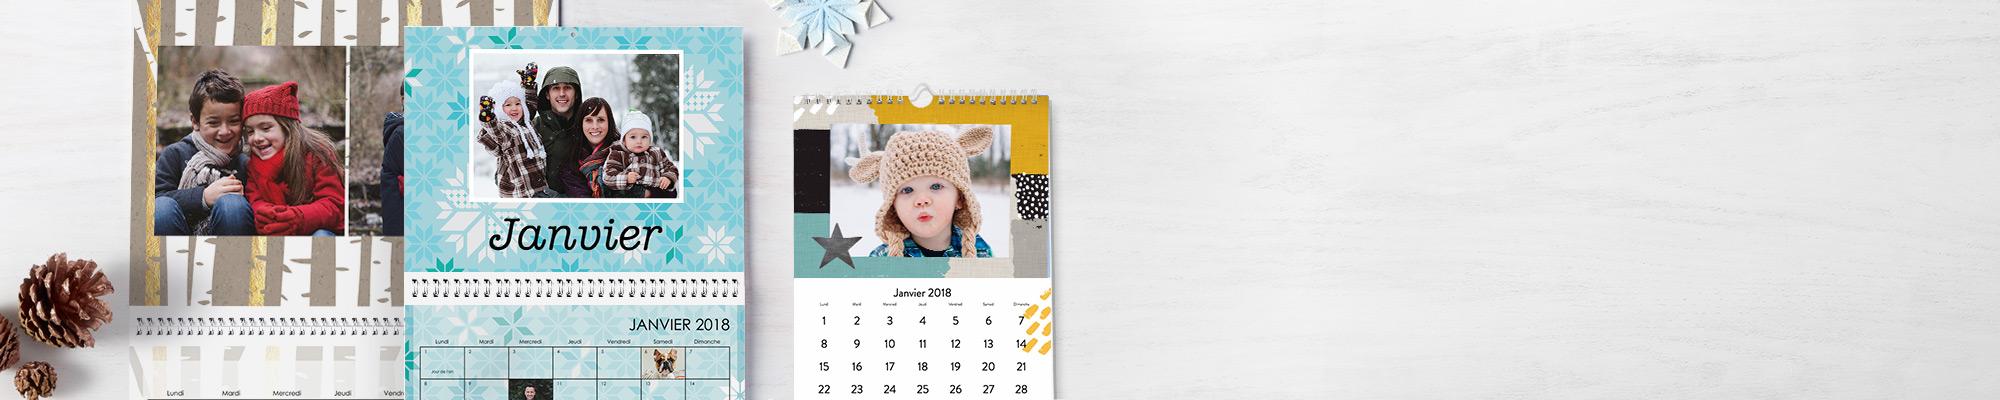 Calendriers personnalisés 2018 Pendant 365 jours profitez de vos plus belles photos personnalisées avec nos nouveautés : polices, designs et arrière-plans.